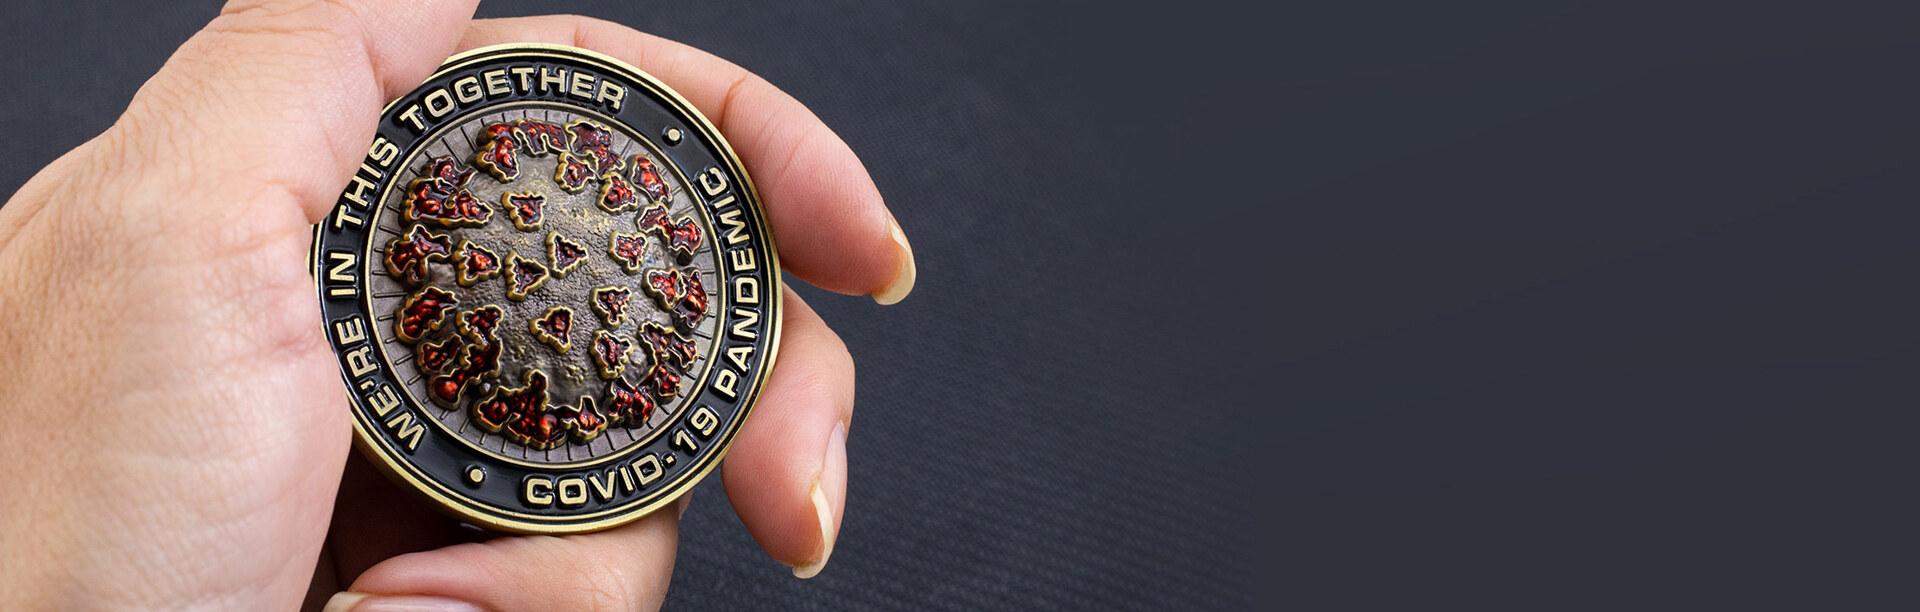 covid-stock-coin